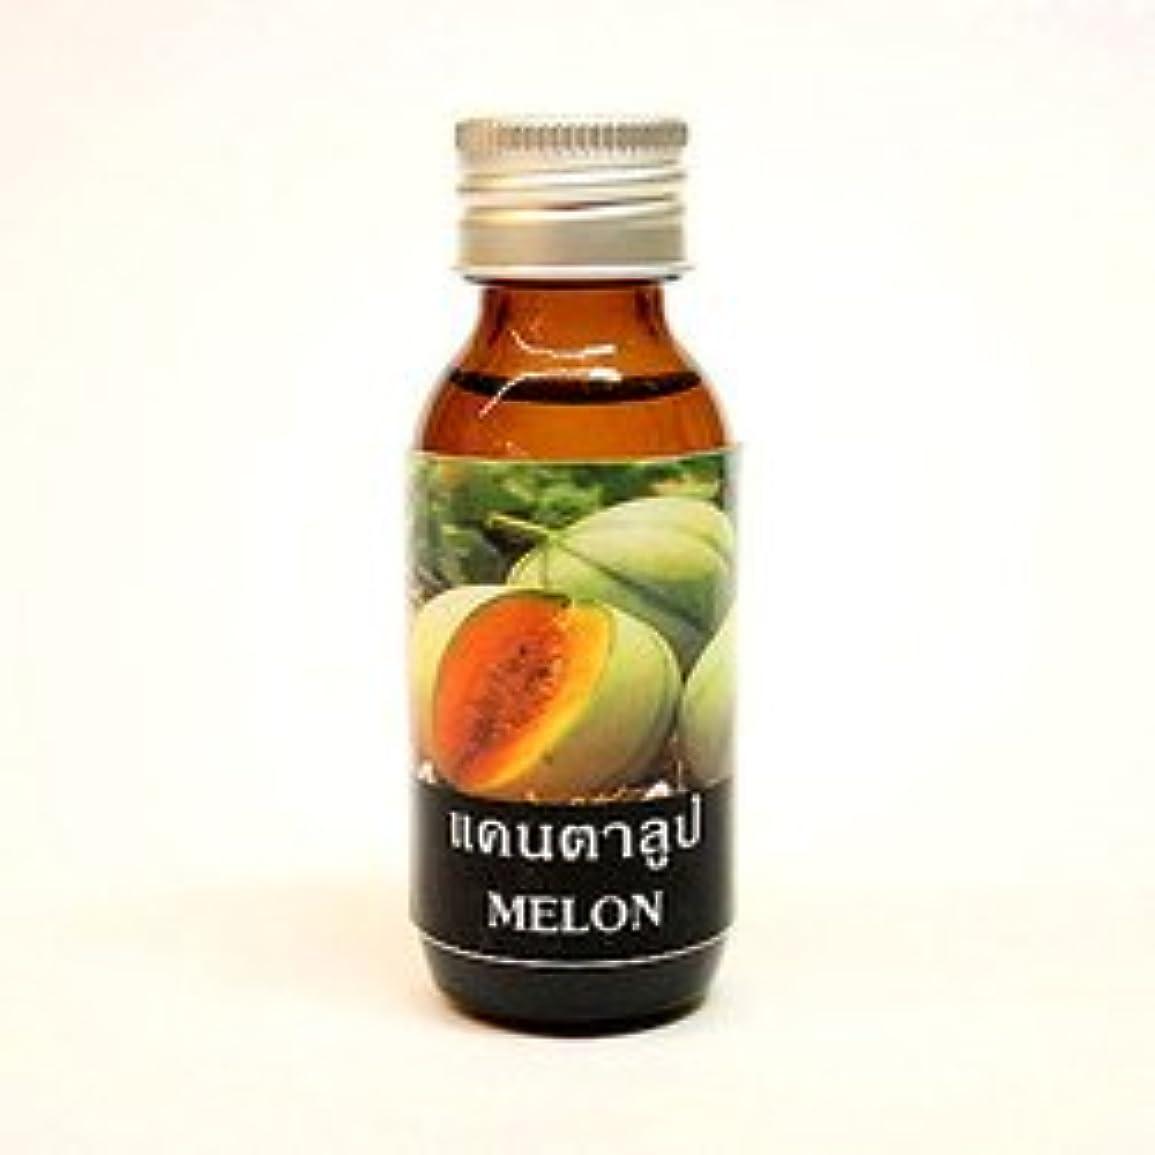 黙認するブレース段階メロン 〔MELON〕 アロマテラピーオイル 30ml アジアン雑貨